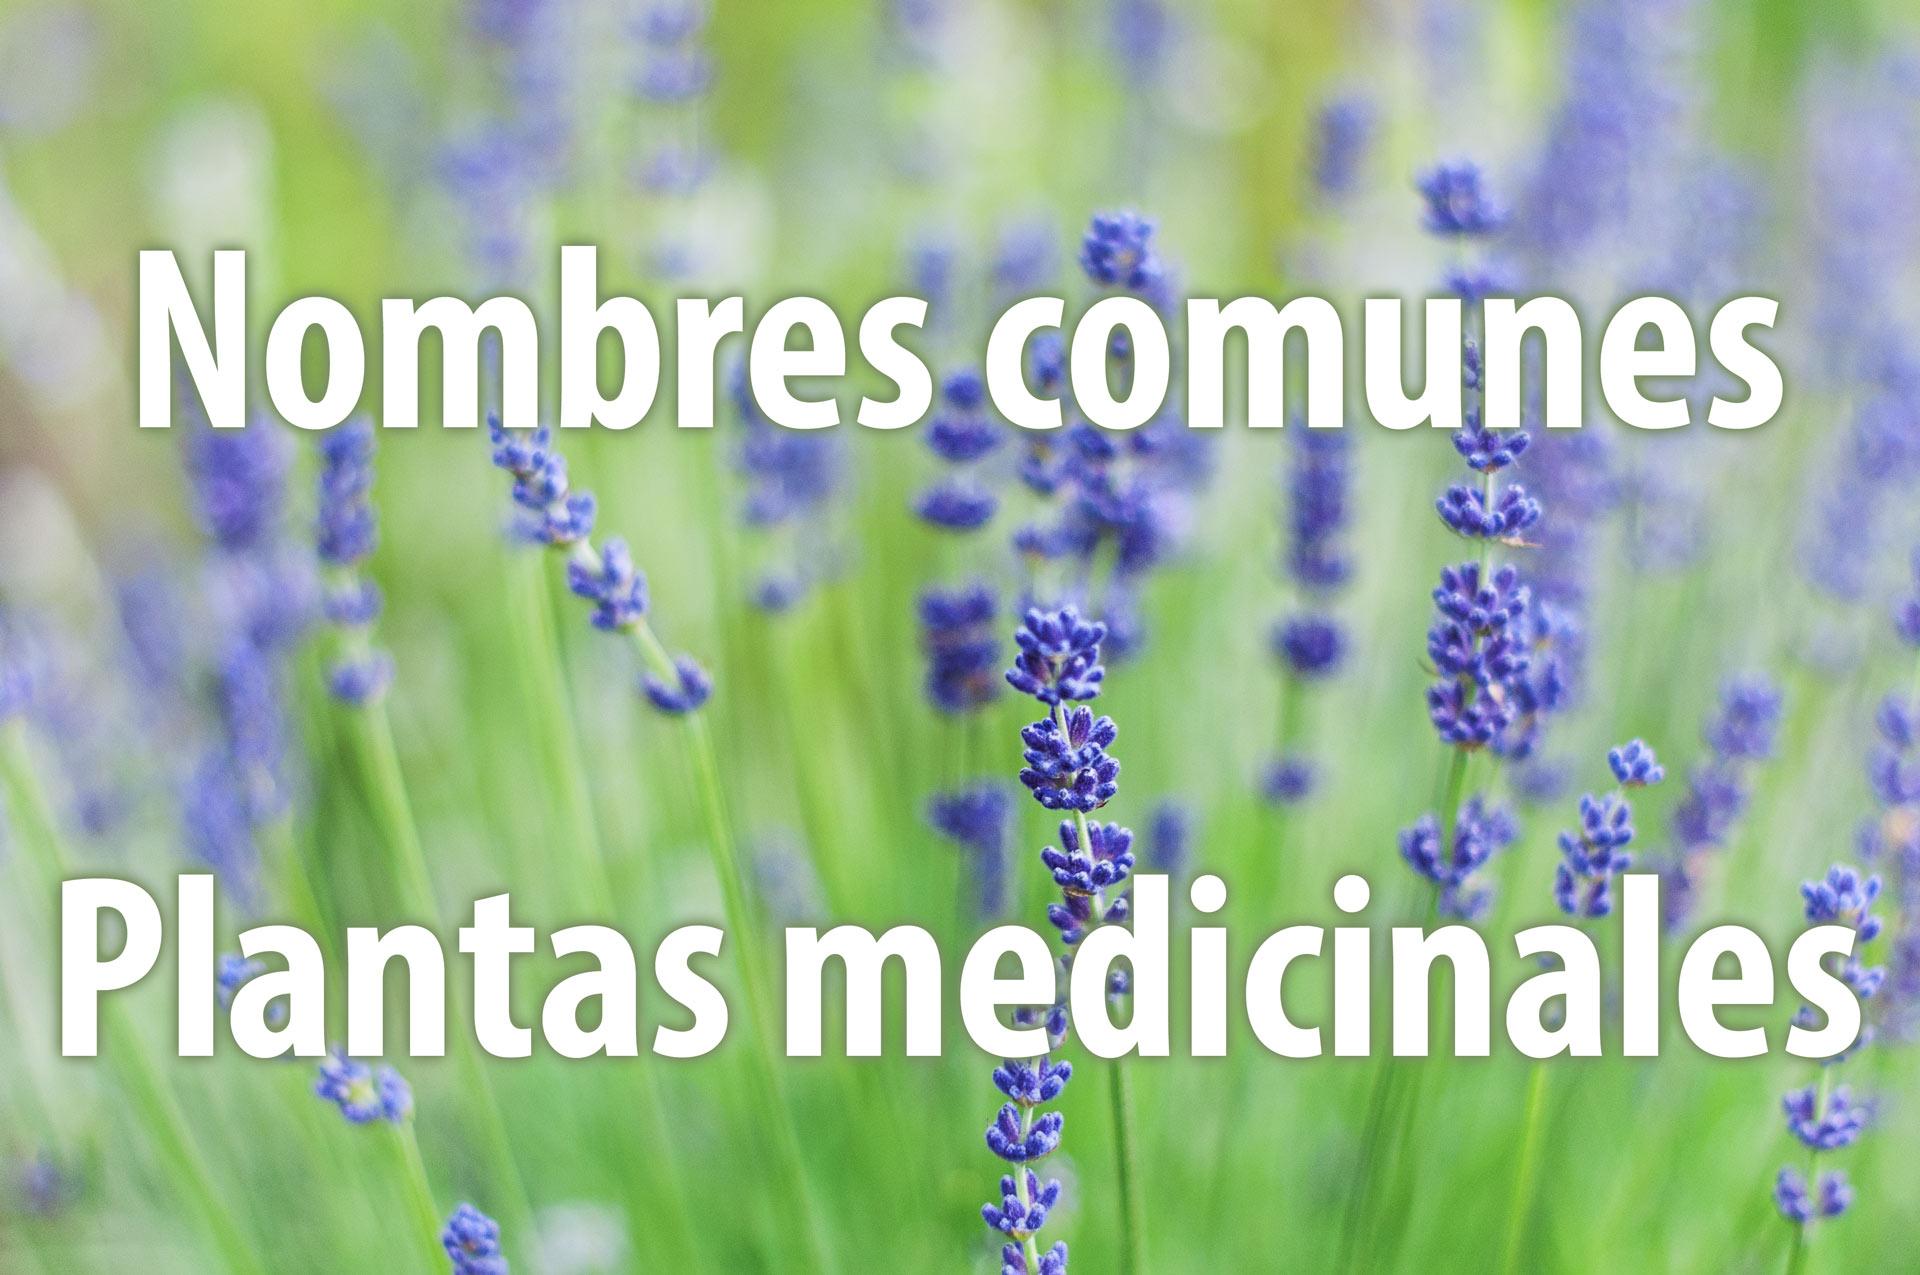 Nombres comunes de plantas medicinales plantas medicinales for Plantas de interior fotos y nombres